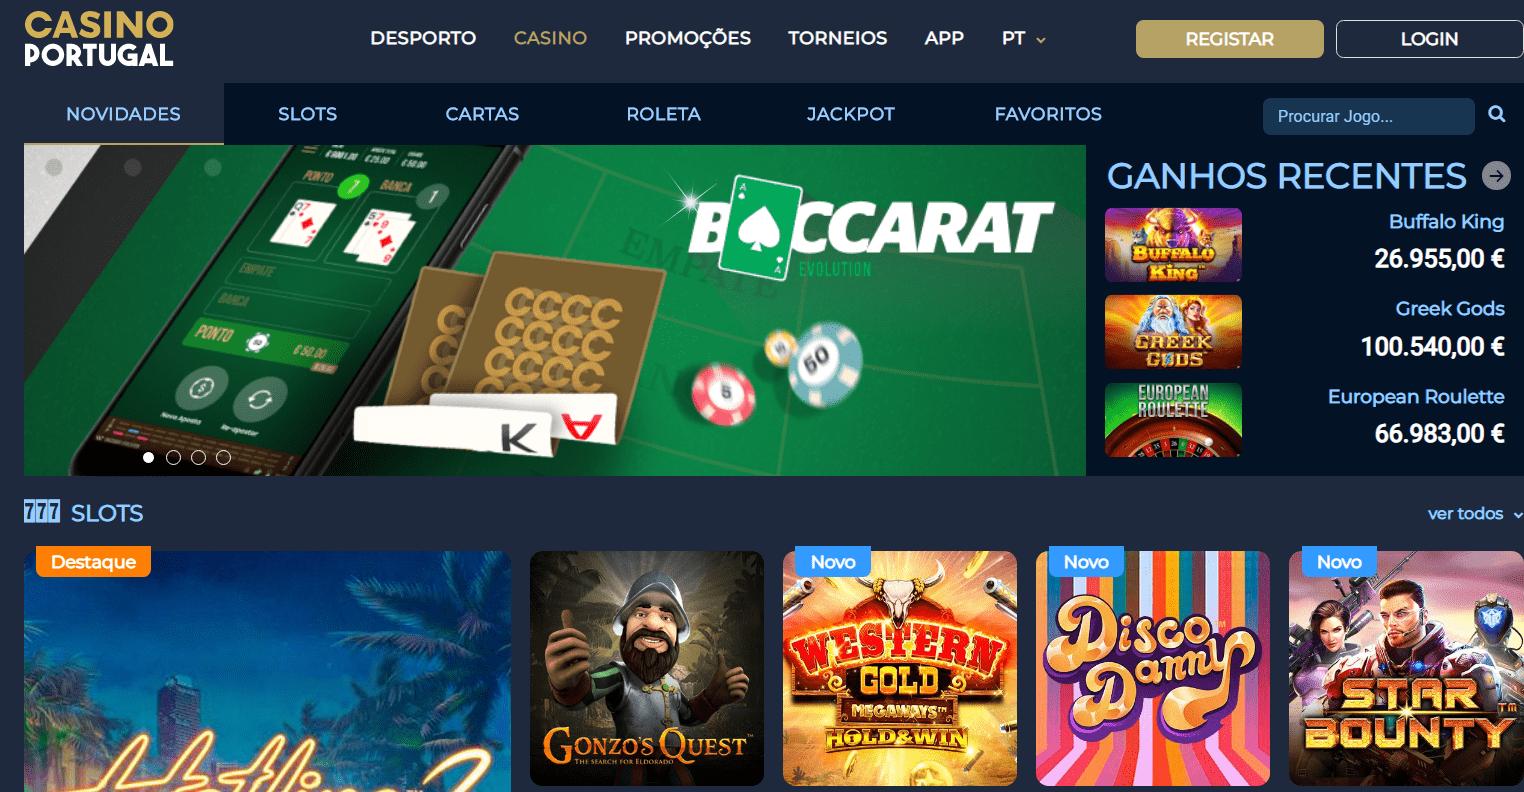 Casino Portugal 528009